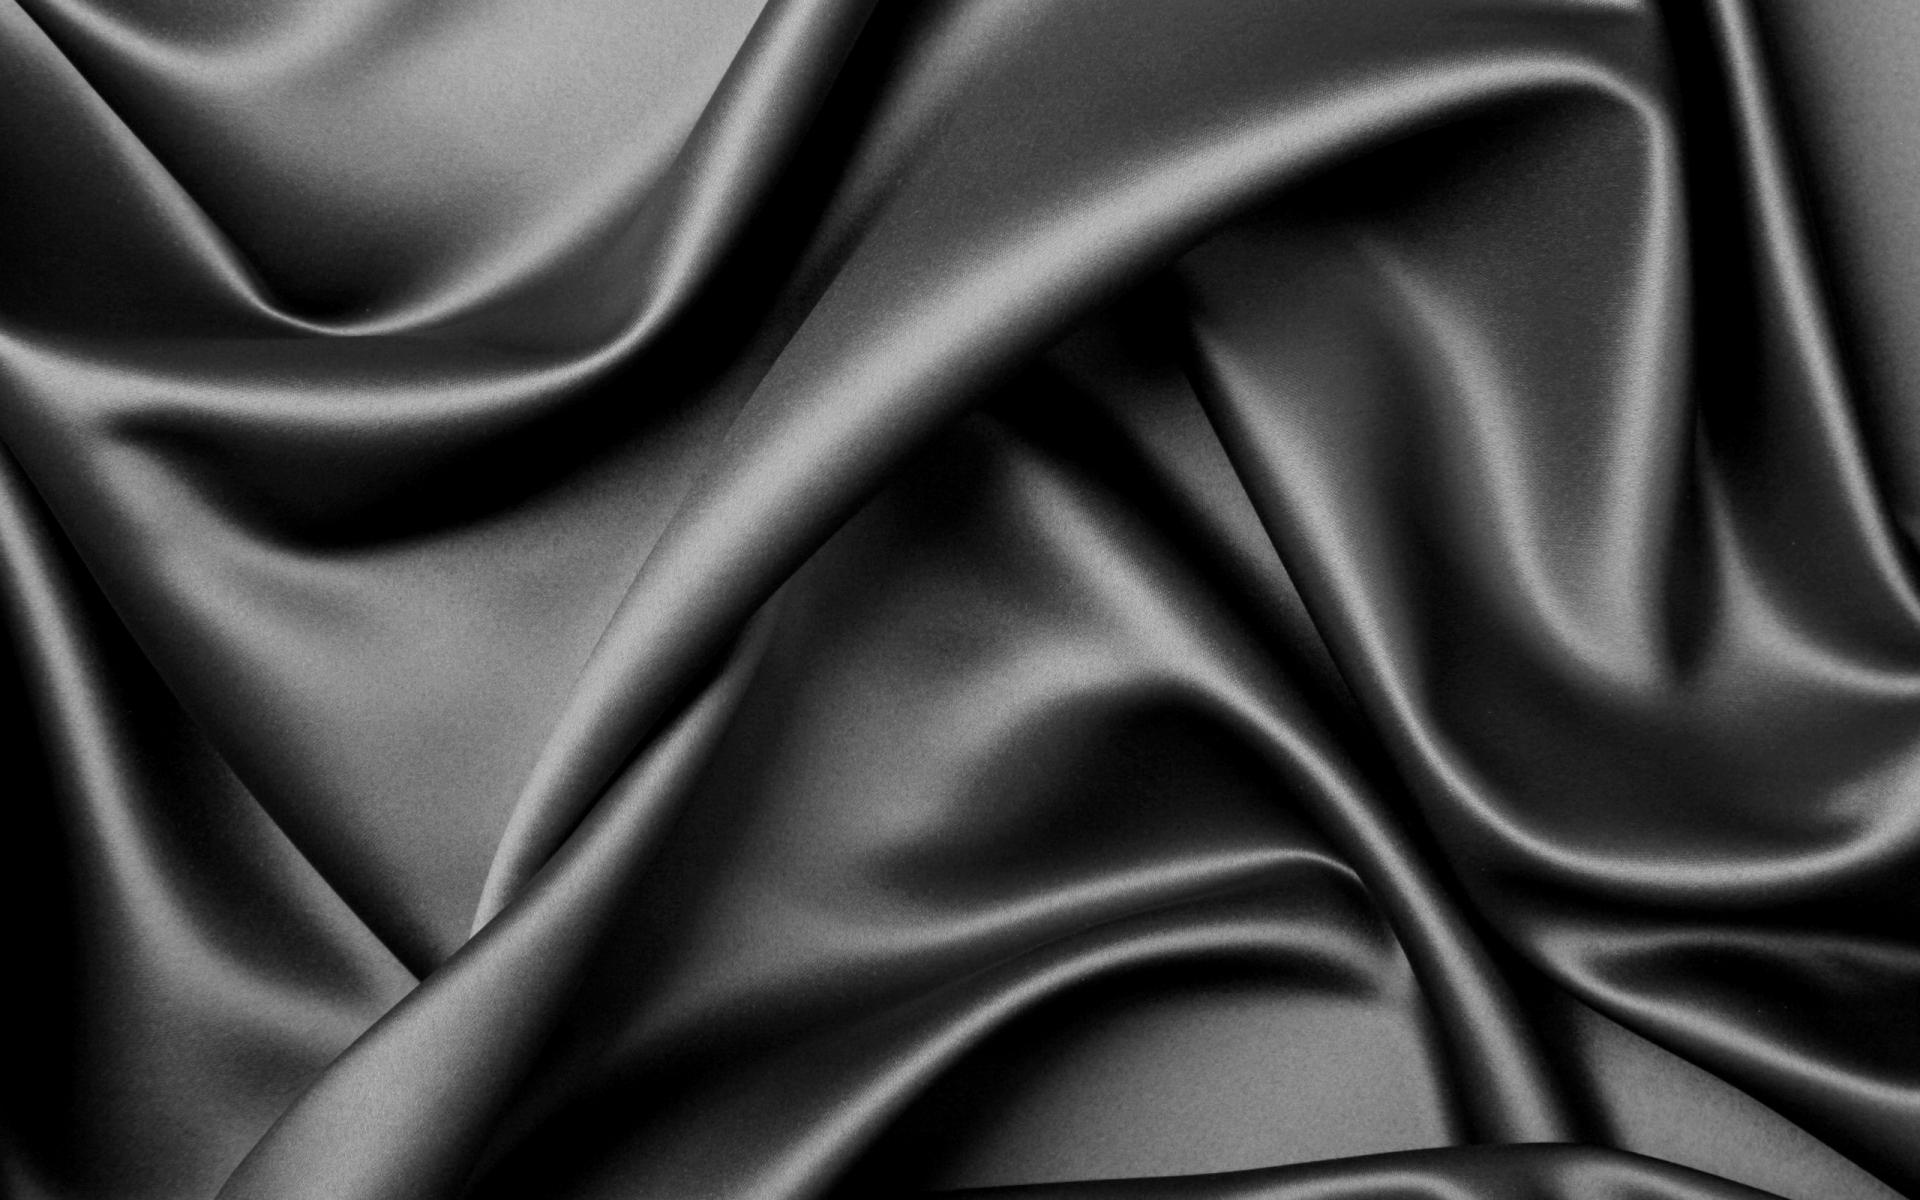 Textura de tela negra - 1920x1200